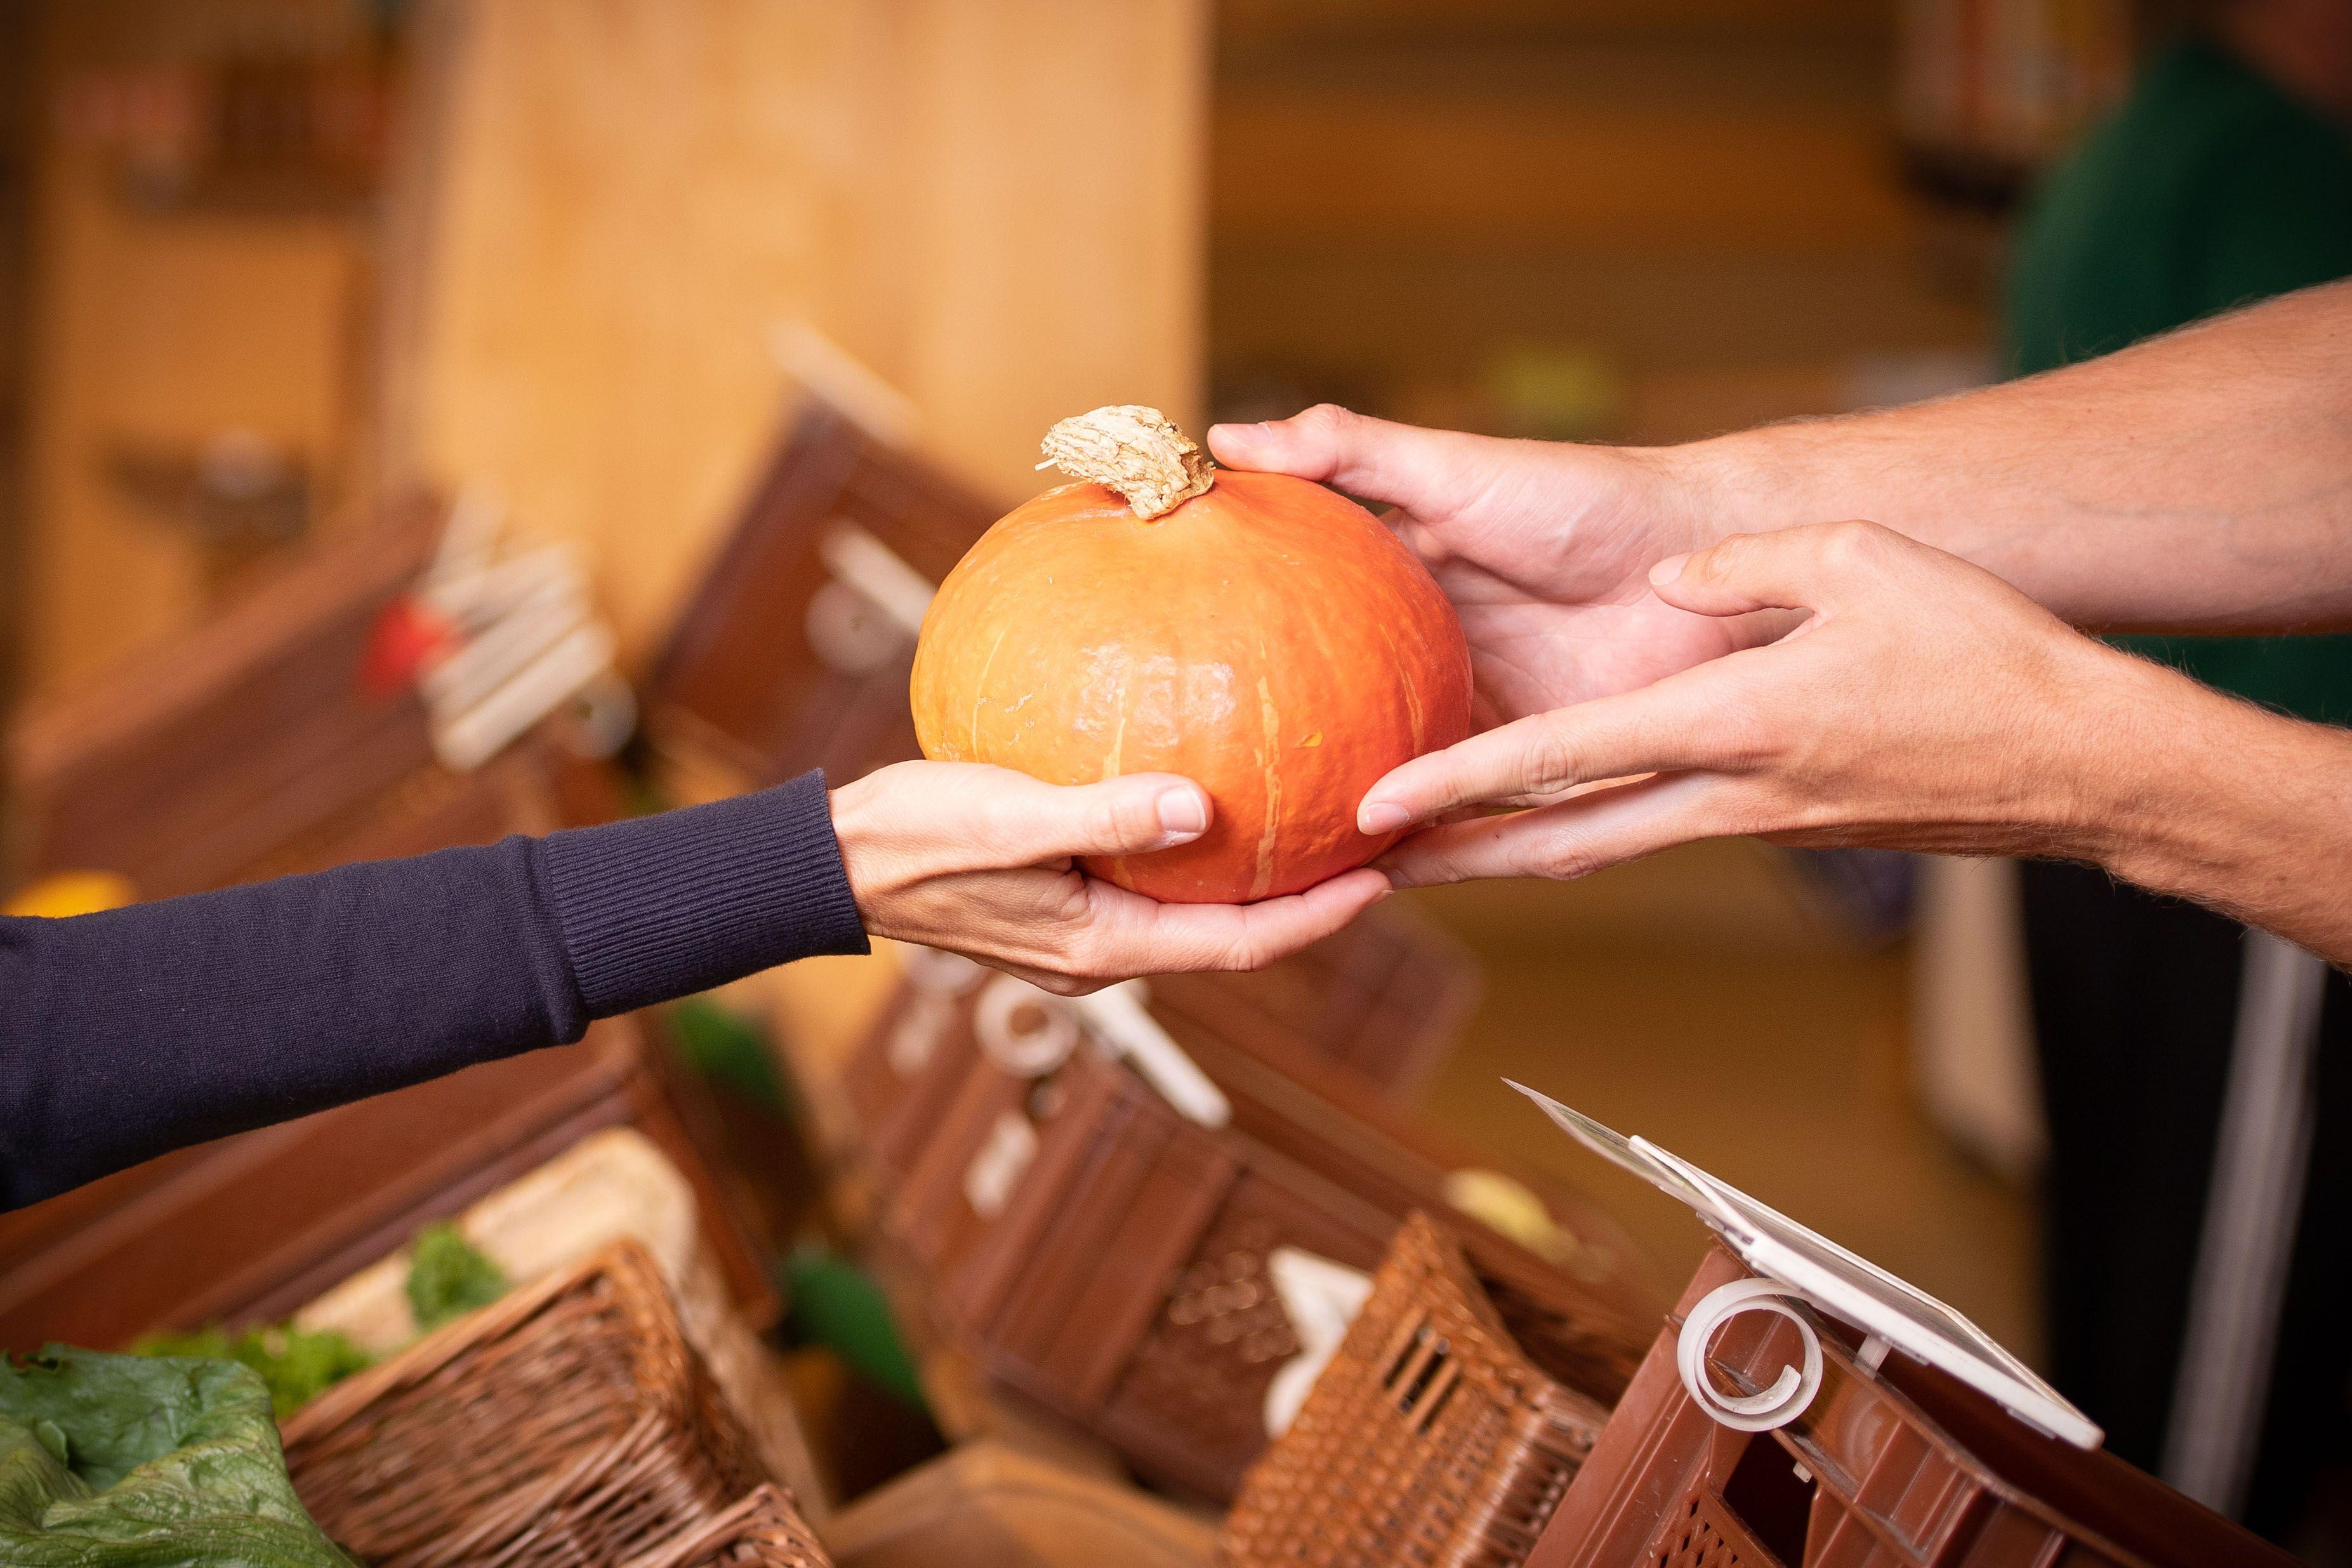 Übergabe von Ware auf einem Bauernmarkt